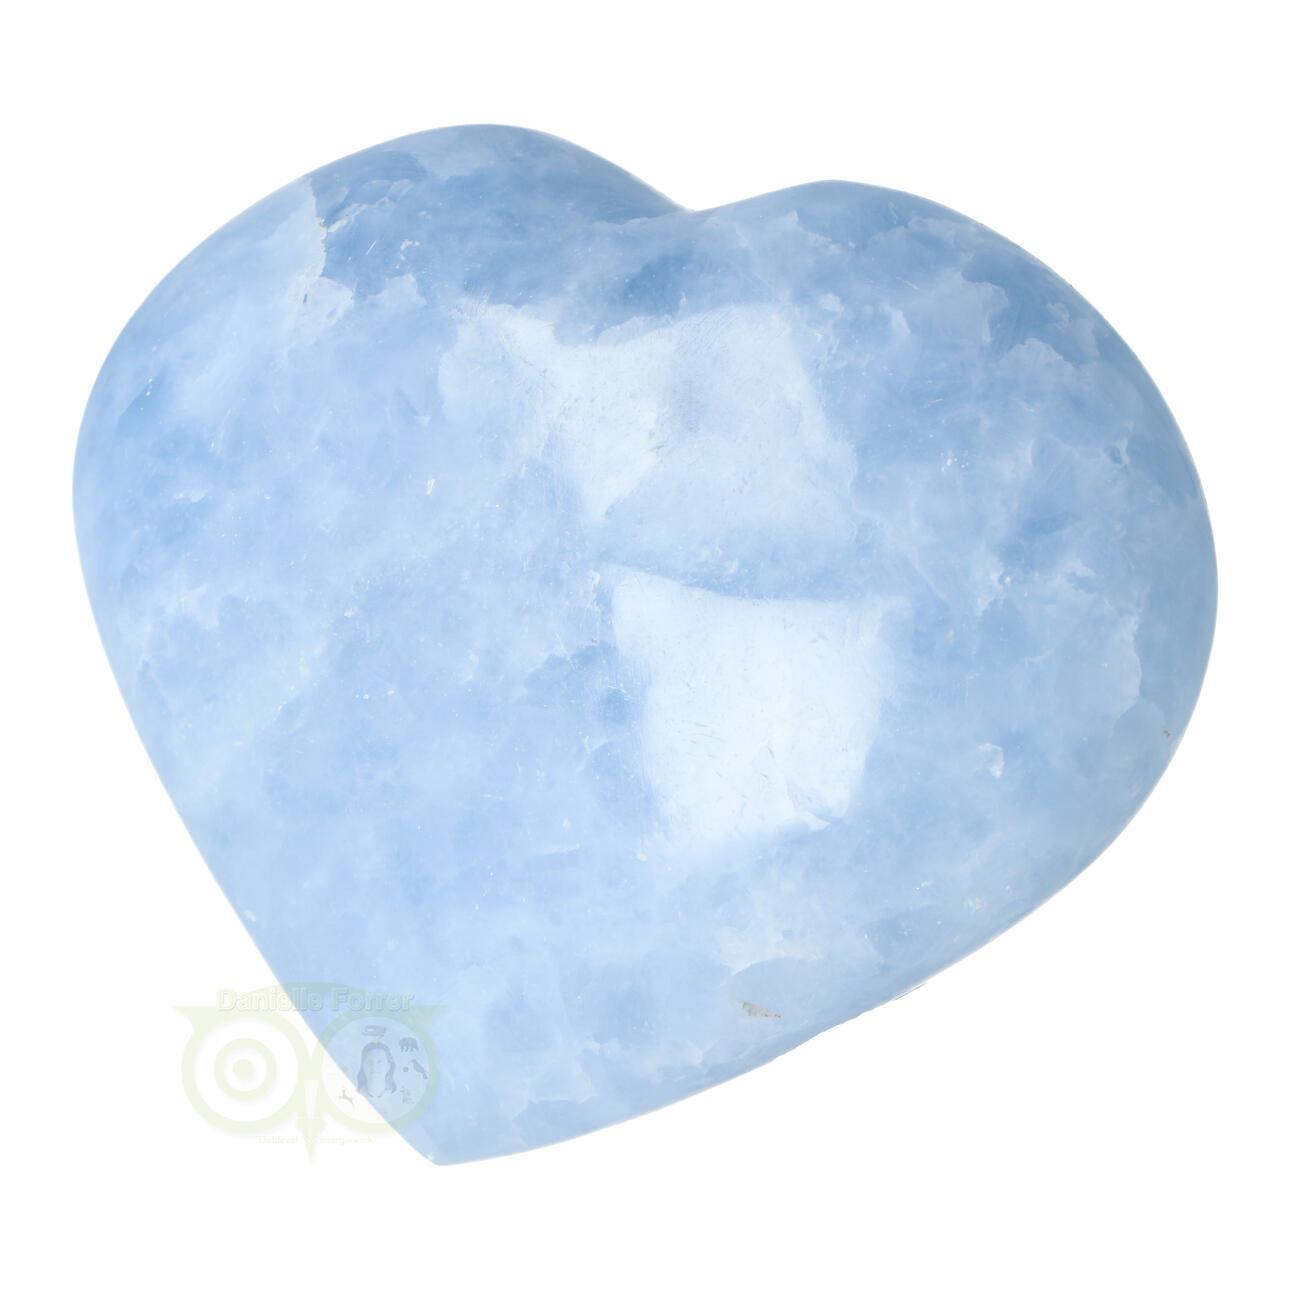 Blauwe Calciet edelstenen kopen | Edelstenen Webwinkel - Webshop Danielle Forrer